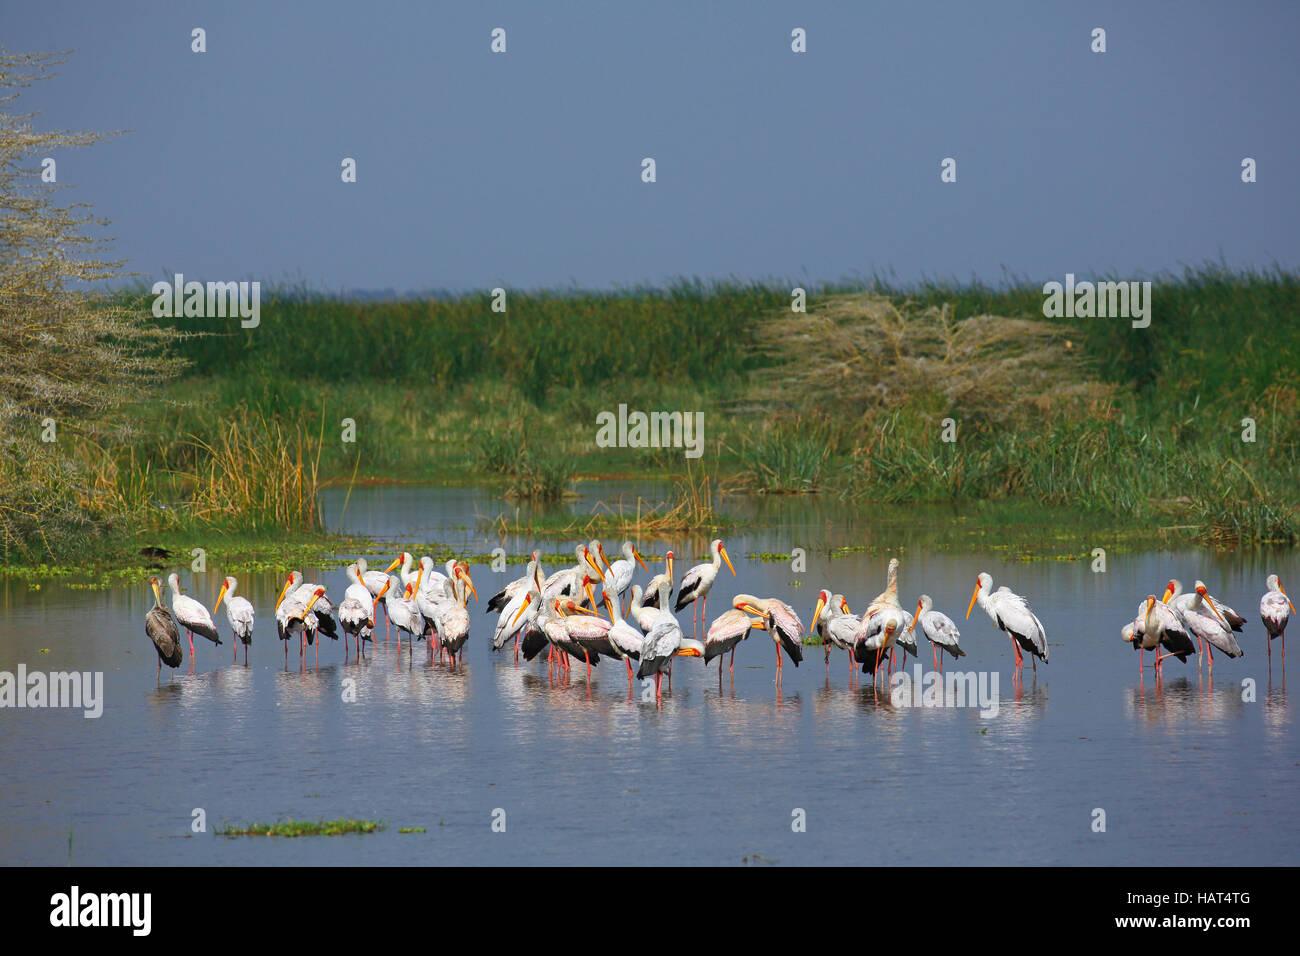 Yellow-billed storks (Mycteria ibis) standing in Lake Manyara, shallow water, Lake Manyara National Park, Tanzania - Stock Image